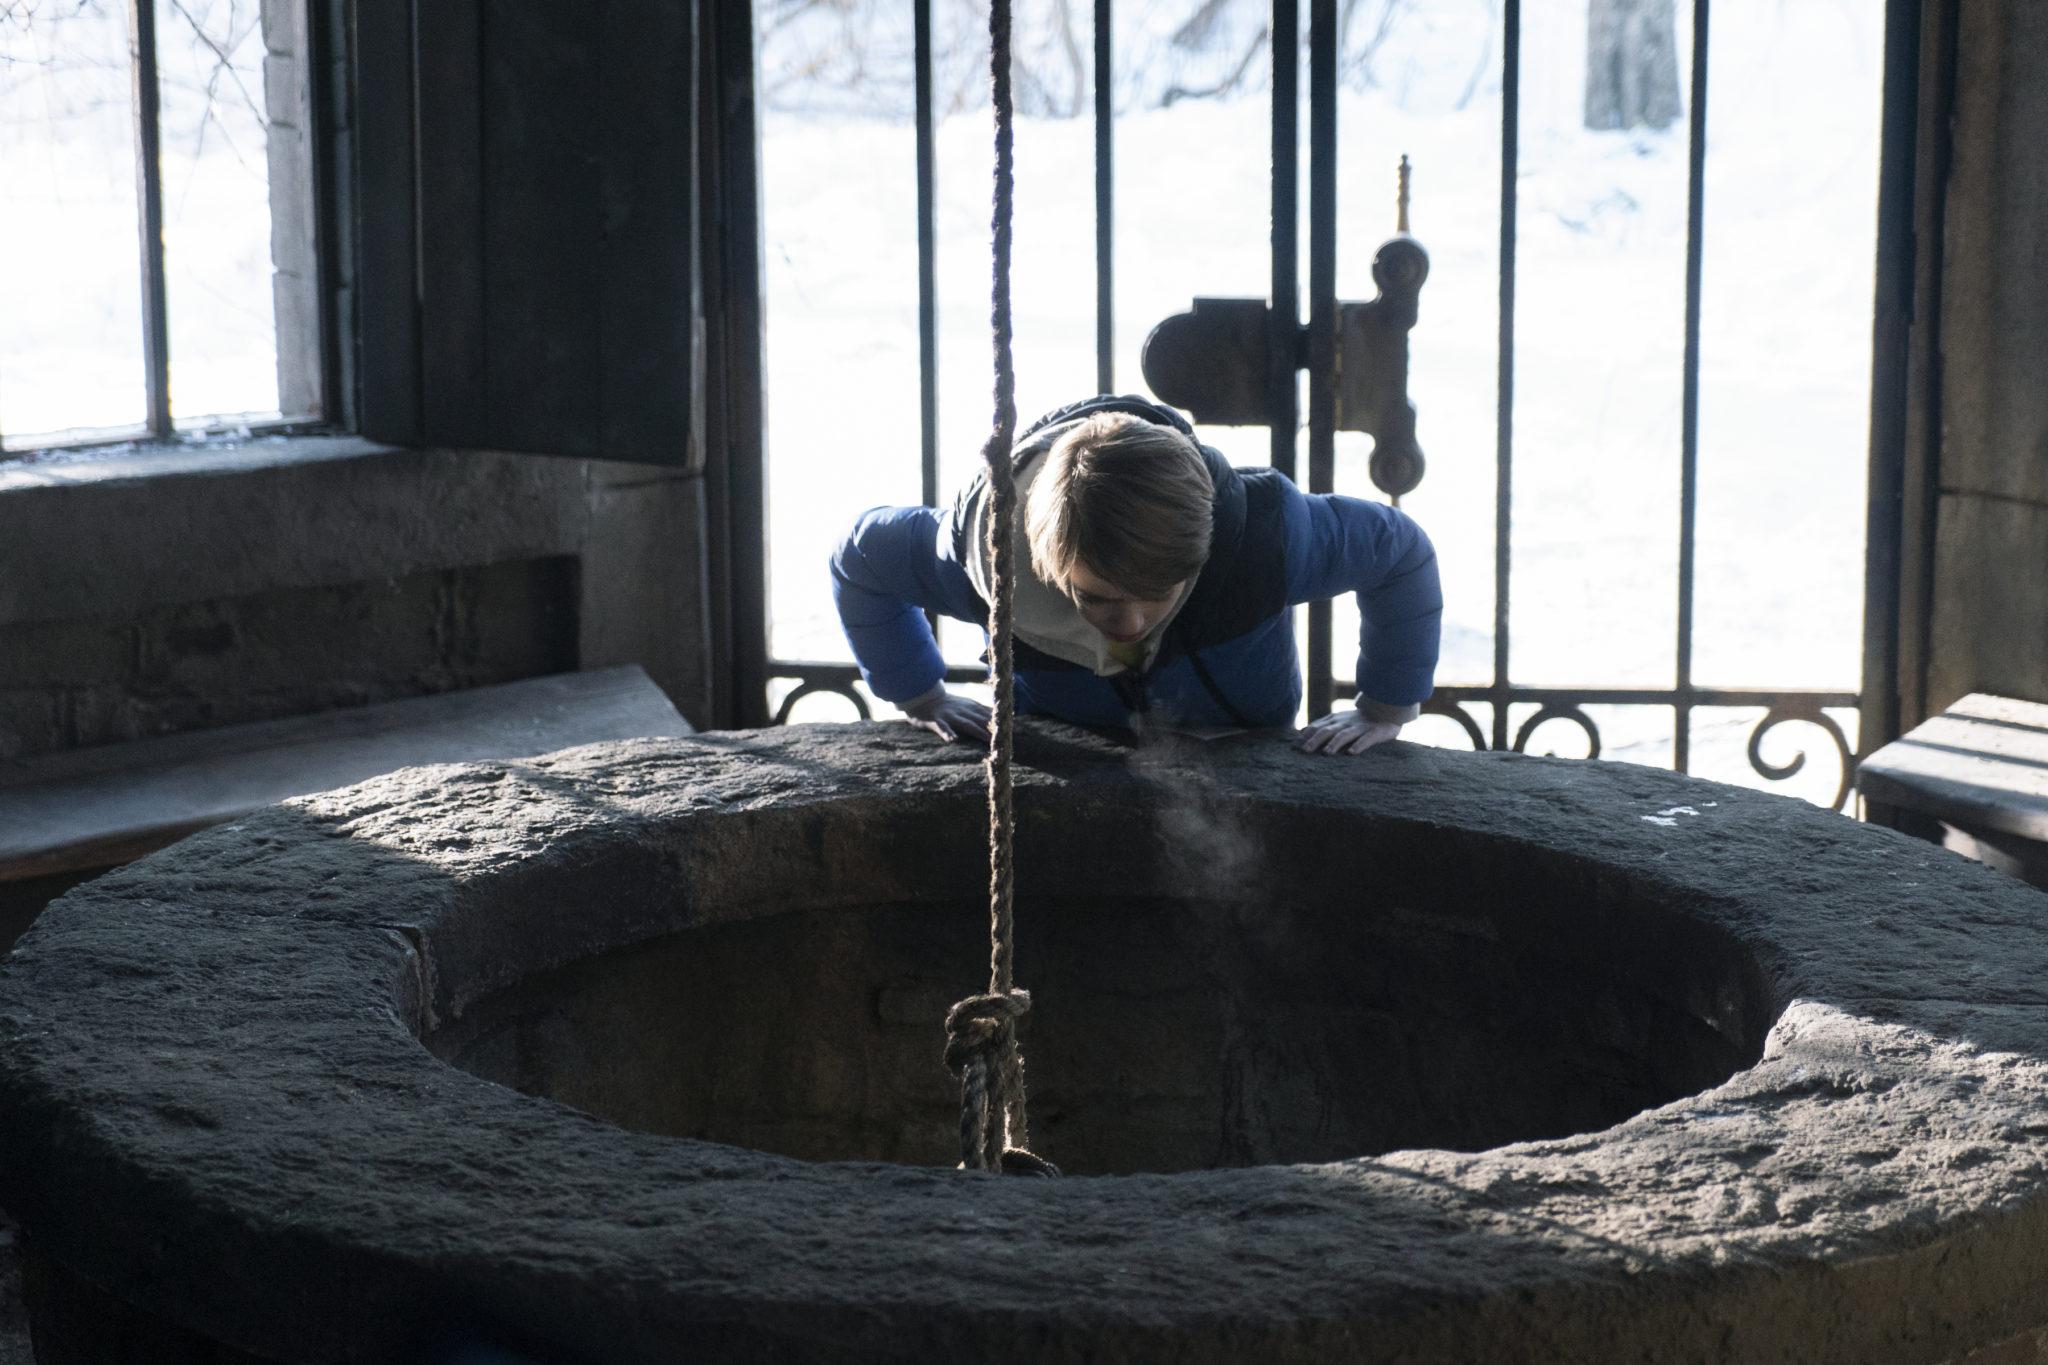 Bode spricht mit einem Echo aus einem Brunnen in Locke & Key